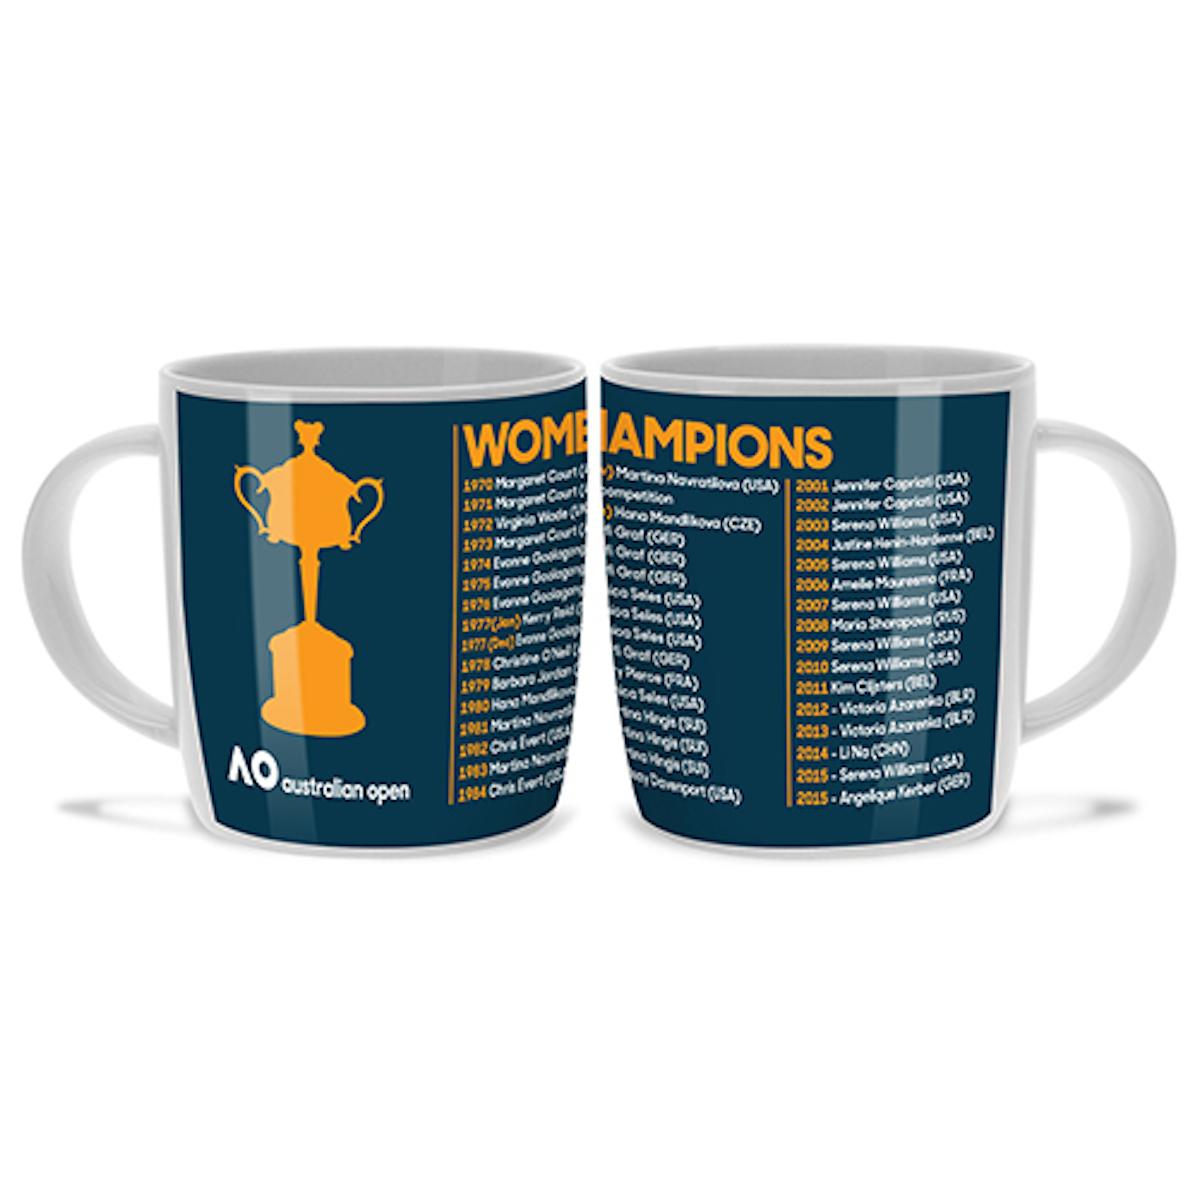 Australian Open Tennis Grand Slam La S  Coffee Cup